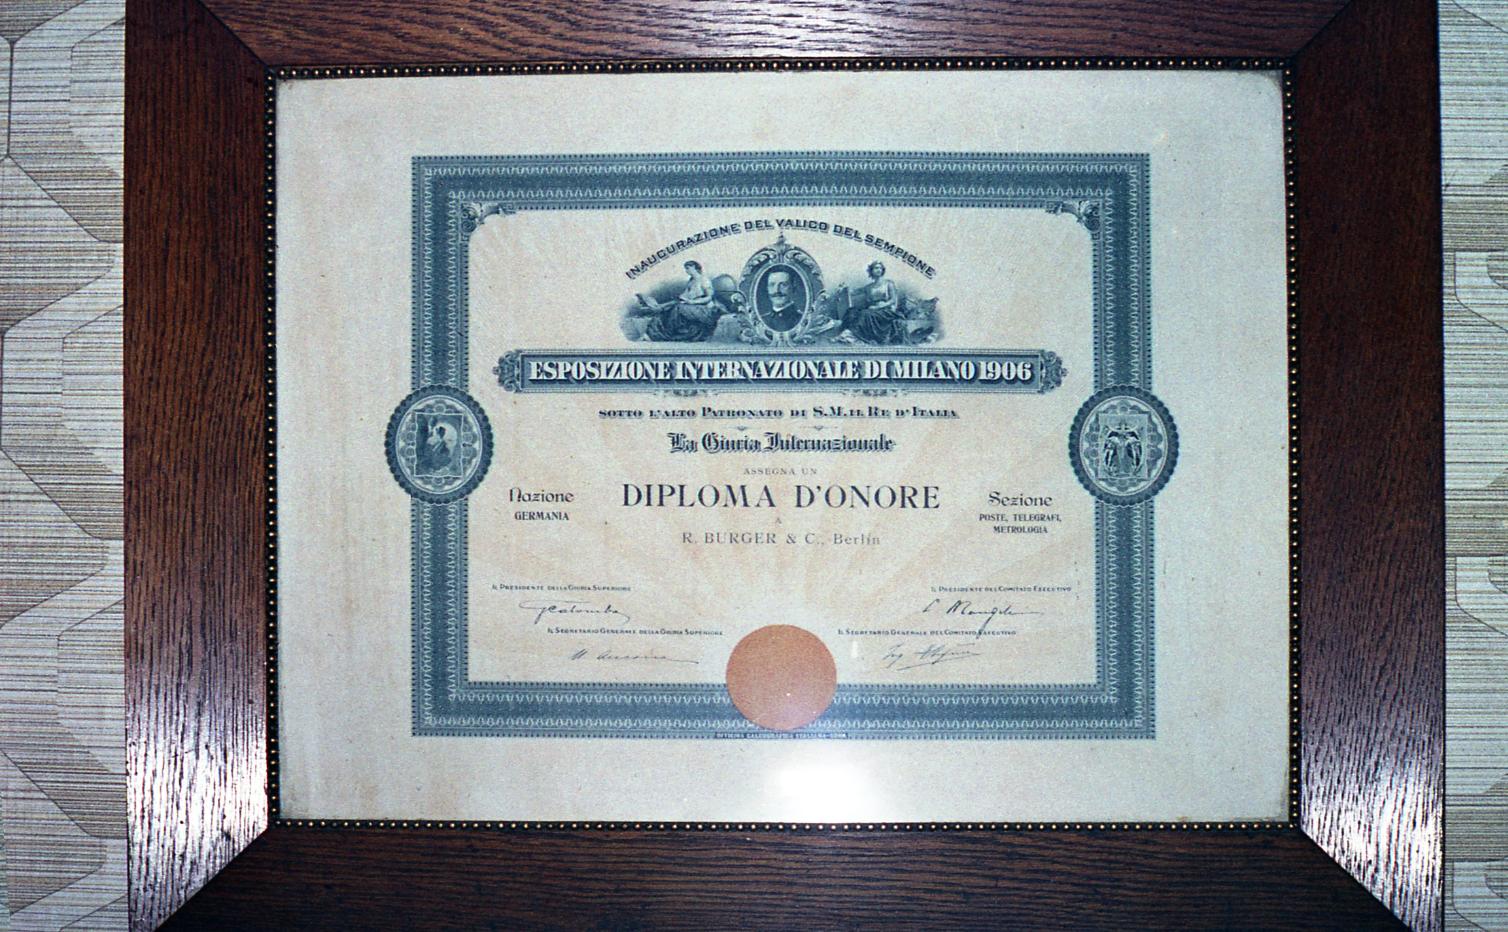 Originalurkunde zur Ehrenmedaille Weltausstellung Milano 1906